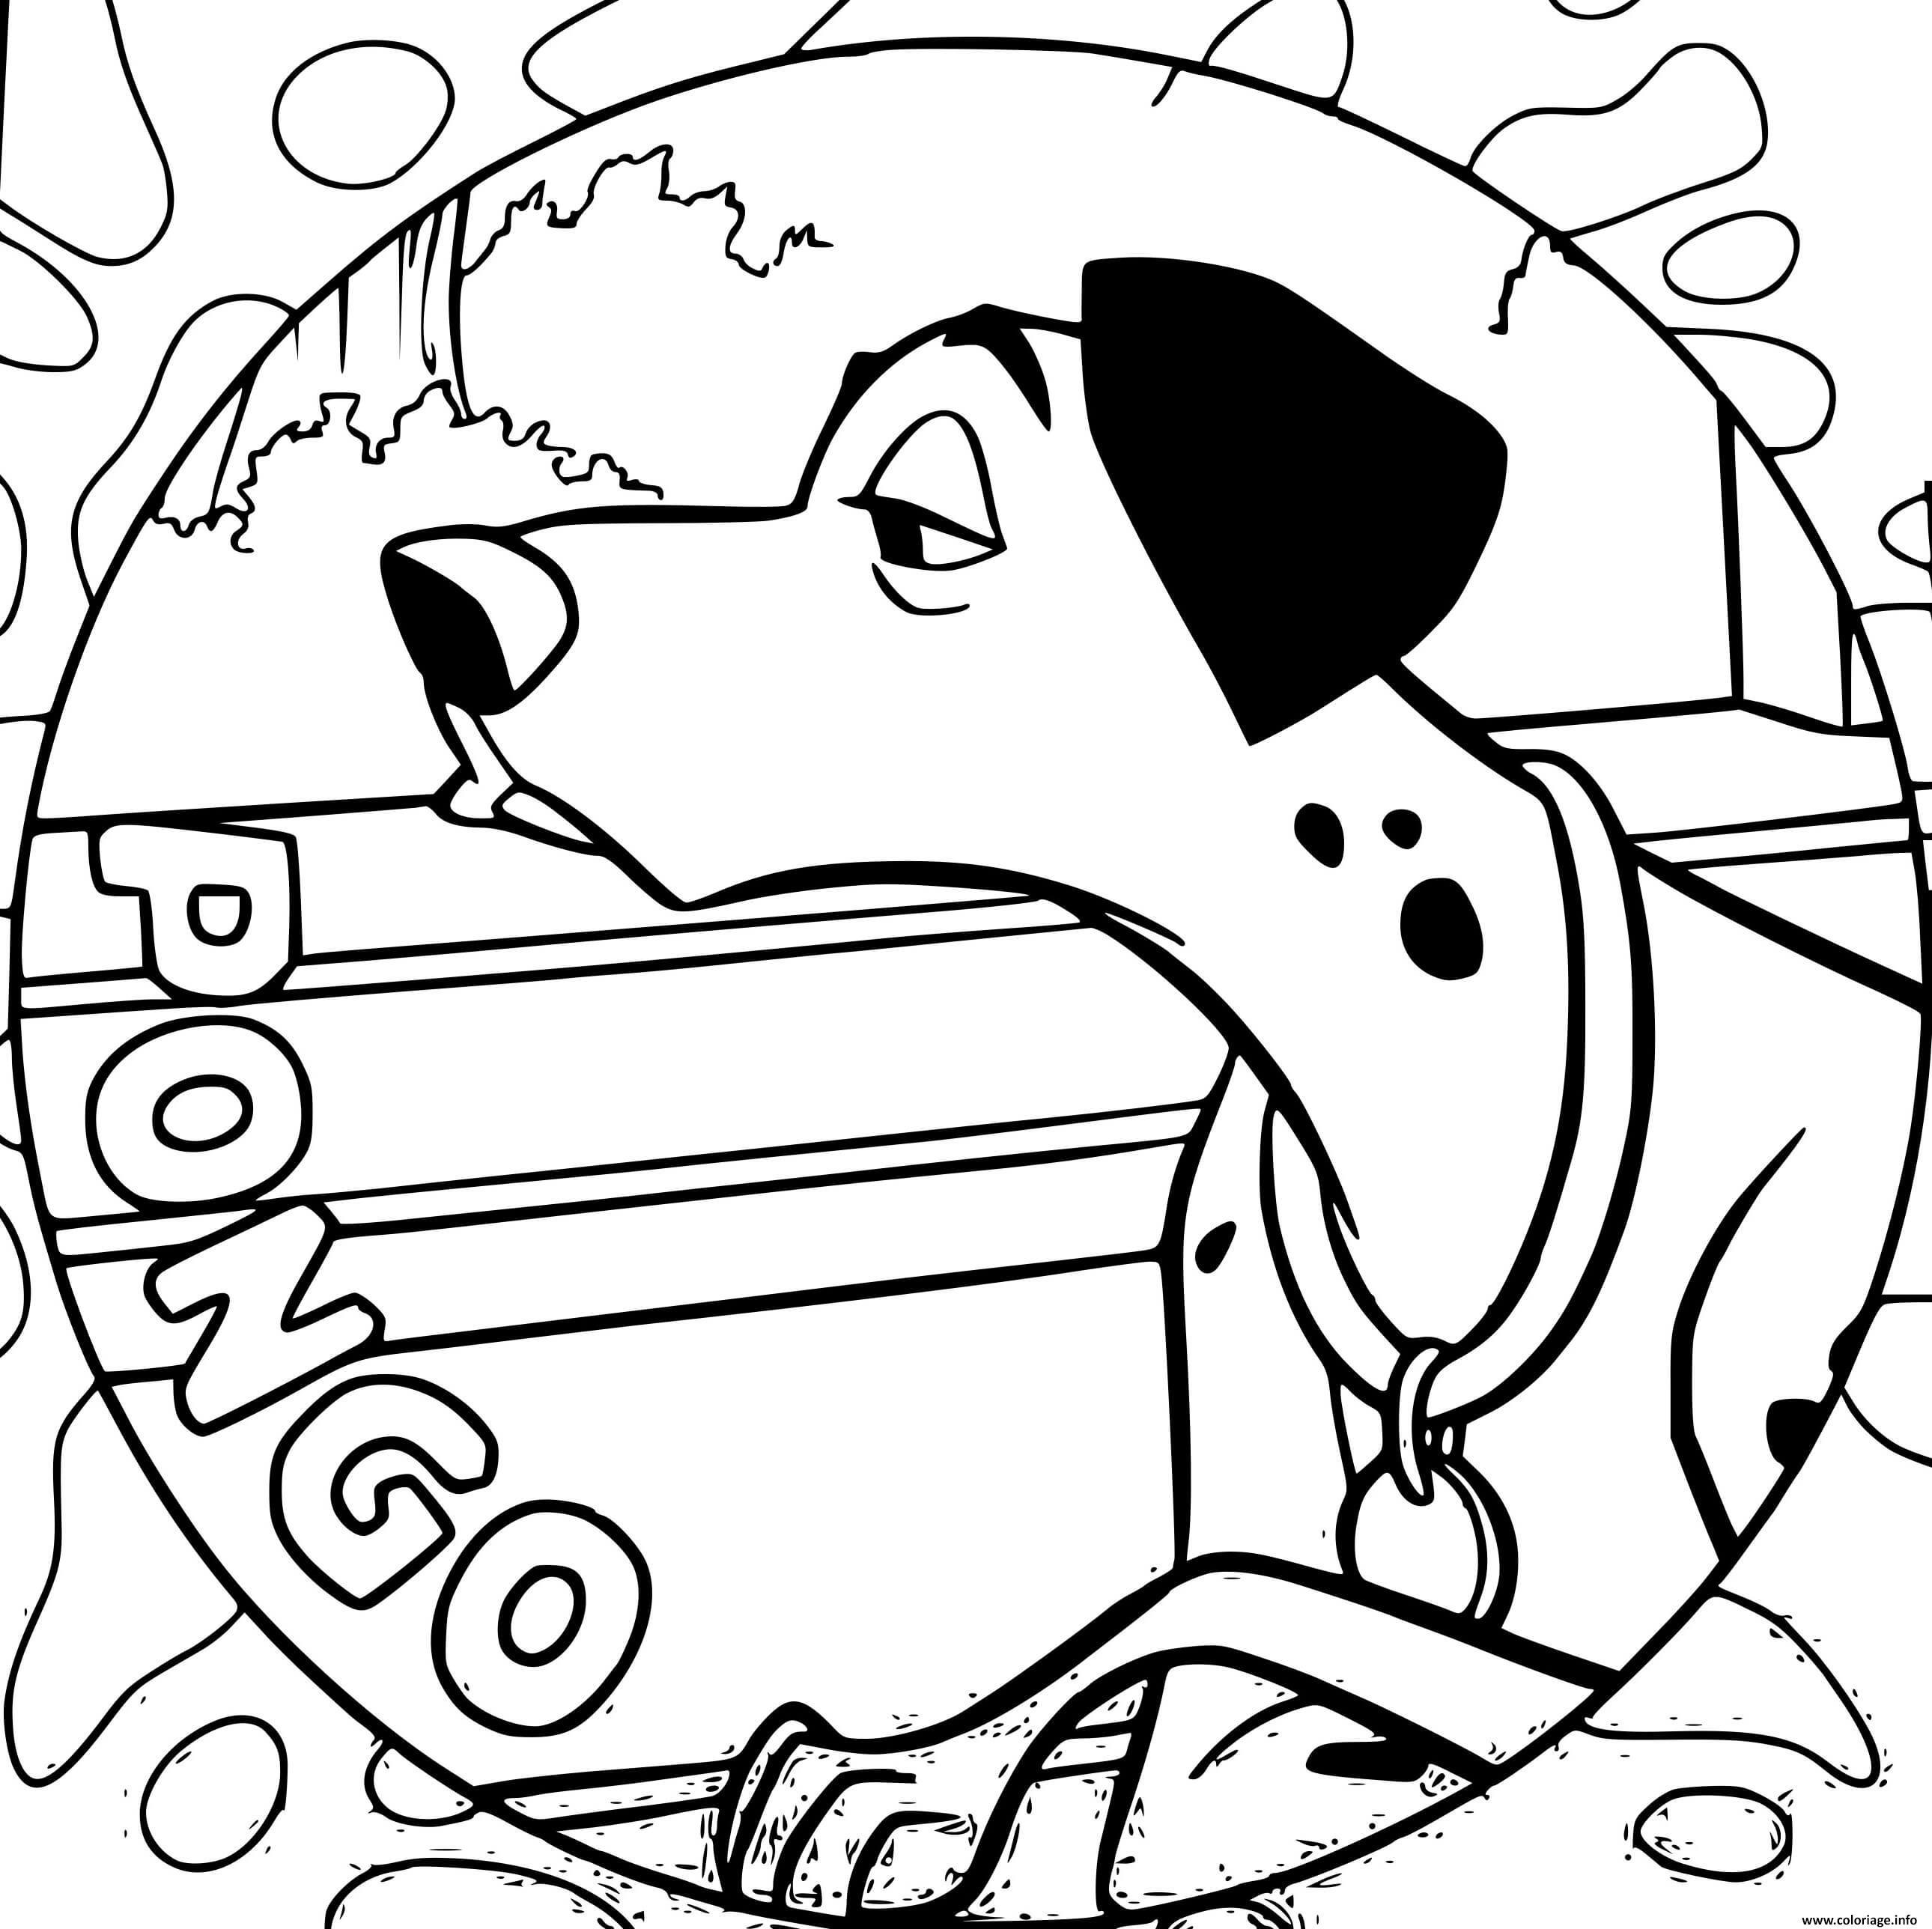 Dessin pongo dalmatien chien Coloriage Gratuit à Imprimer